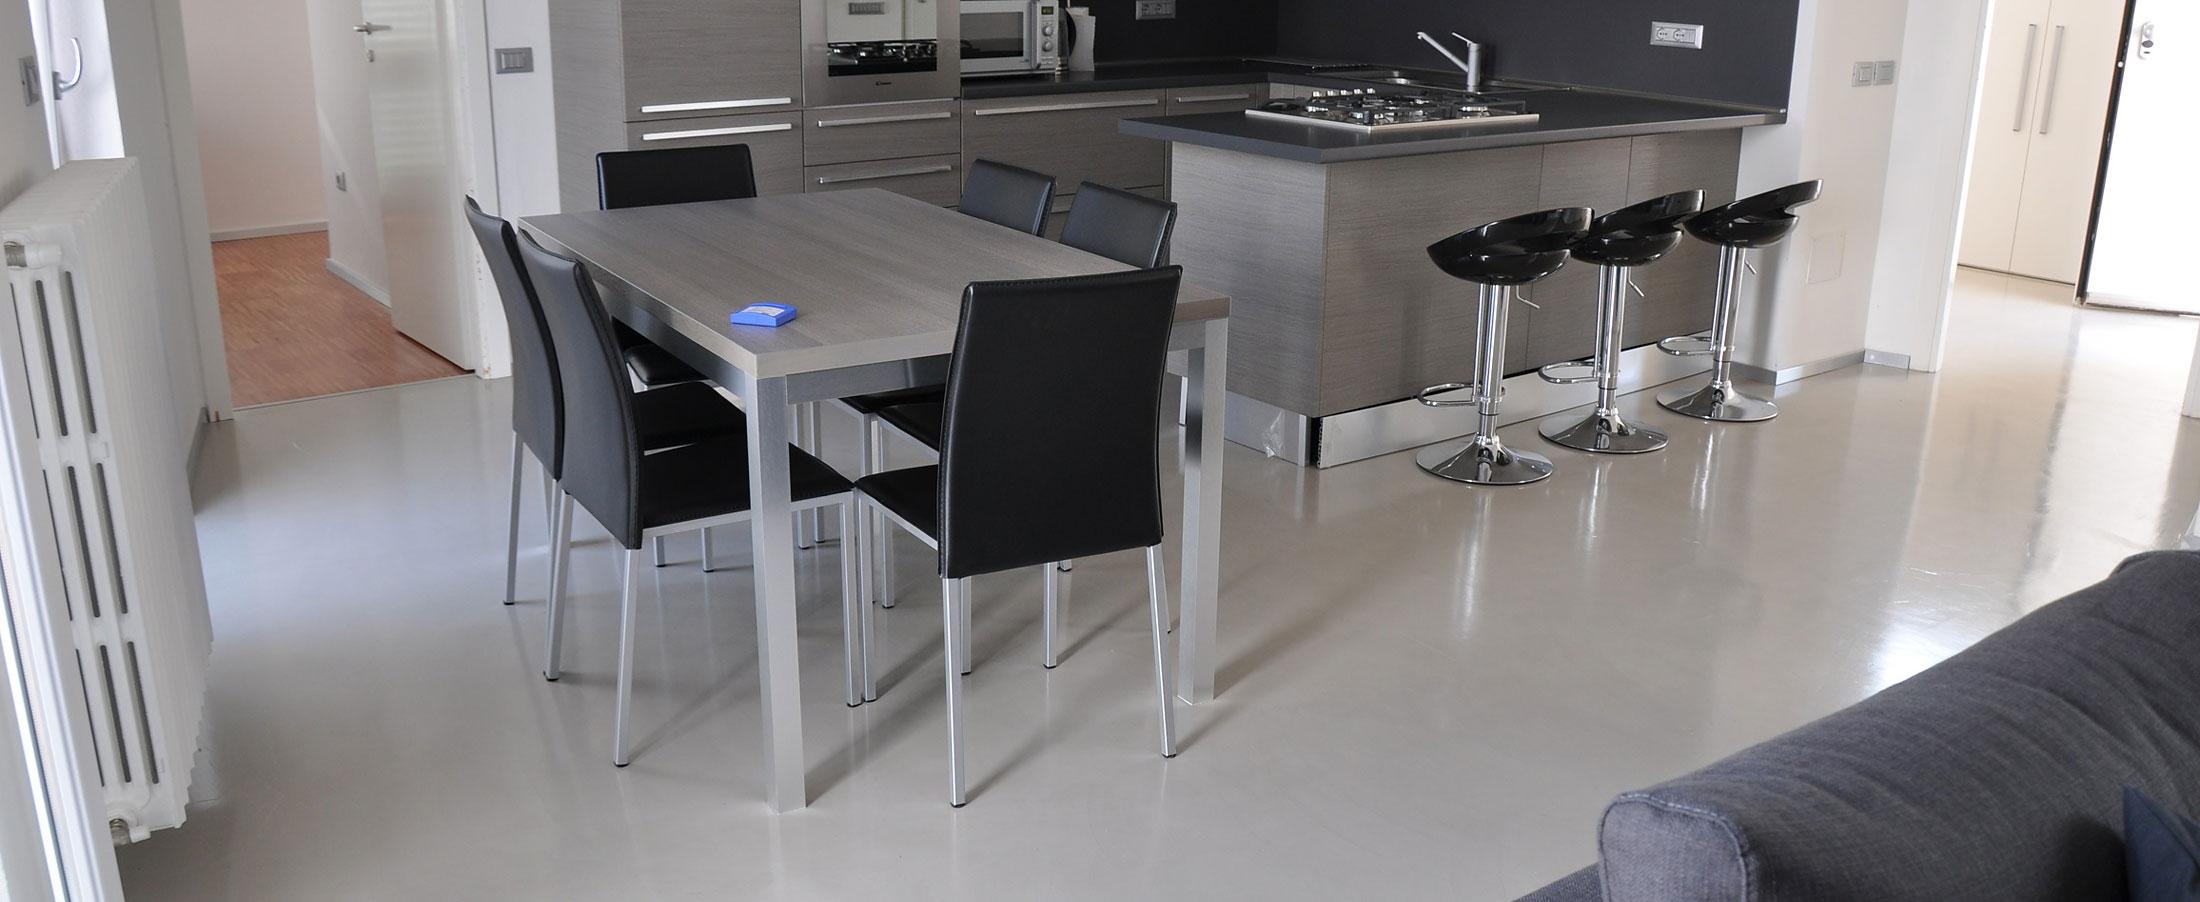 Pro e contro del pavimento in resina cores srl for Pavimento in resina pro e contro